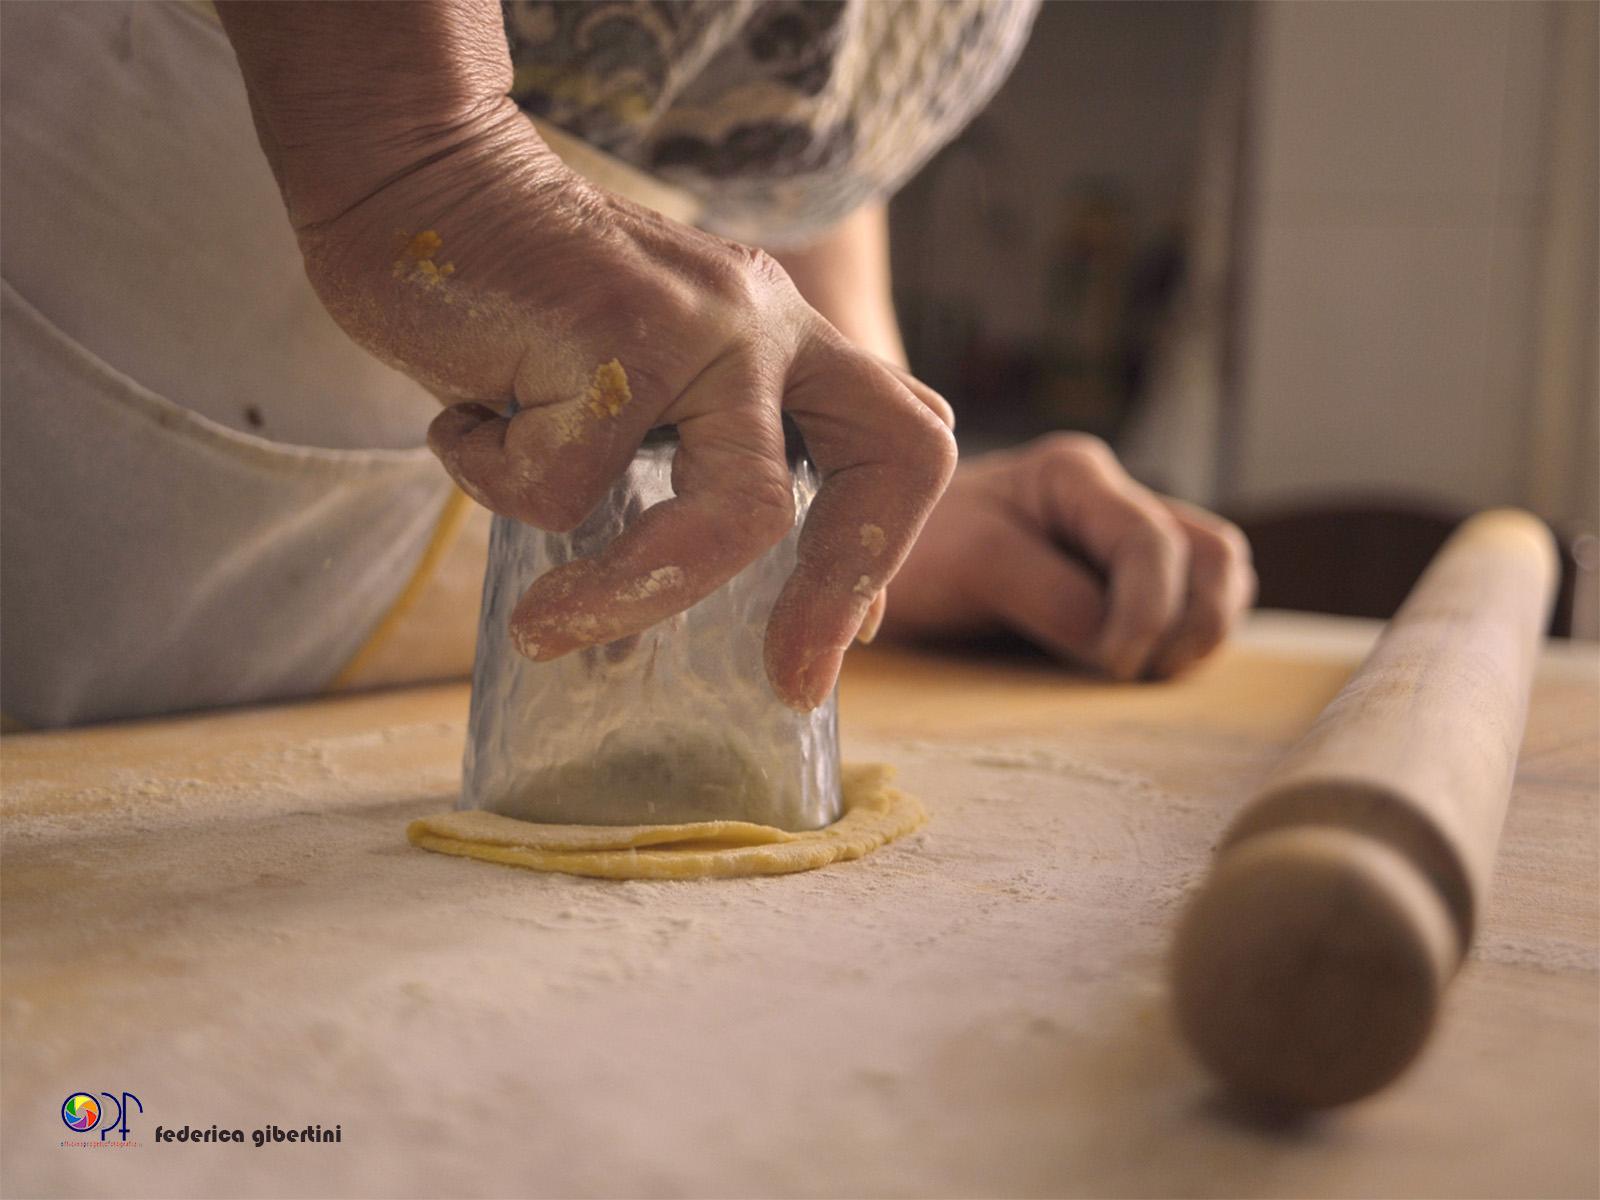 Le mani delle donne Federica Gibertini